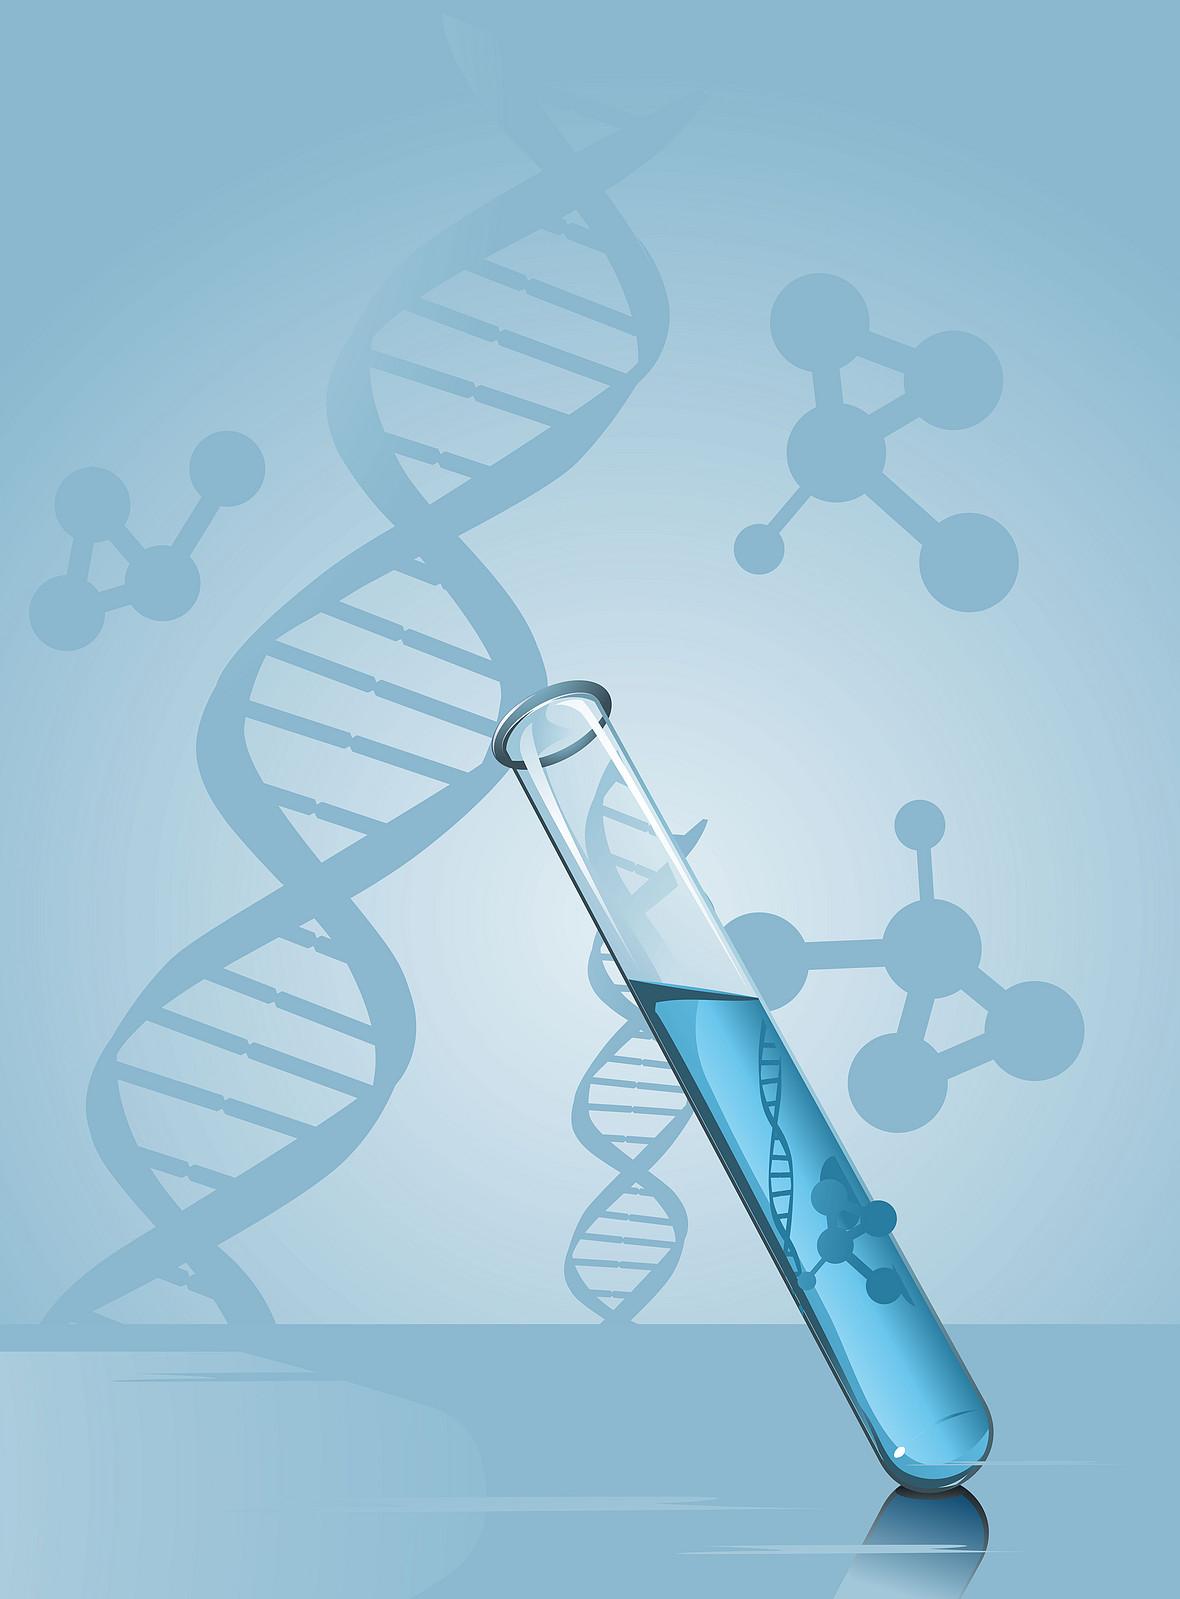 矢量化学细胞生物美容背景